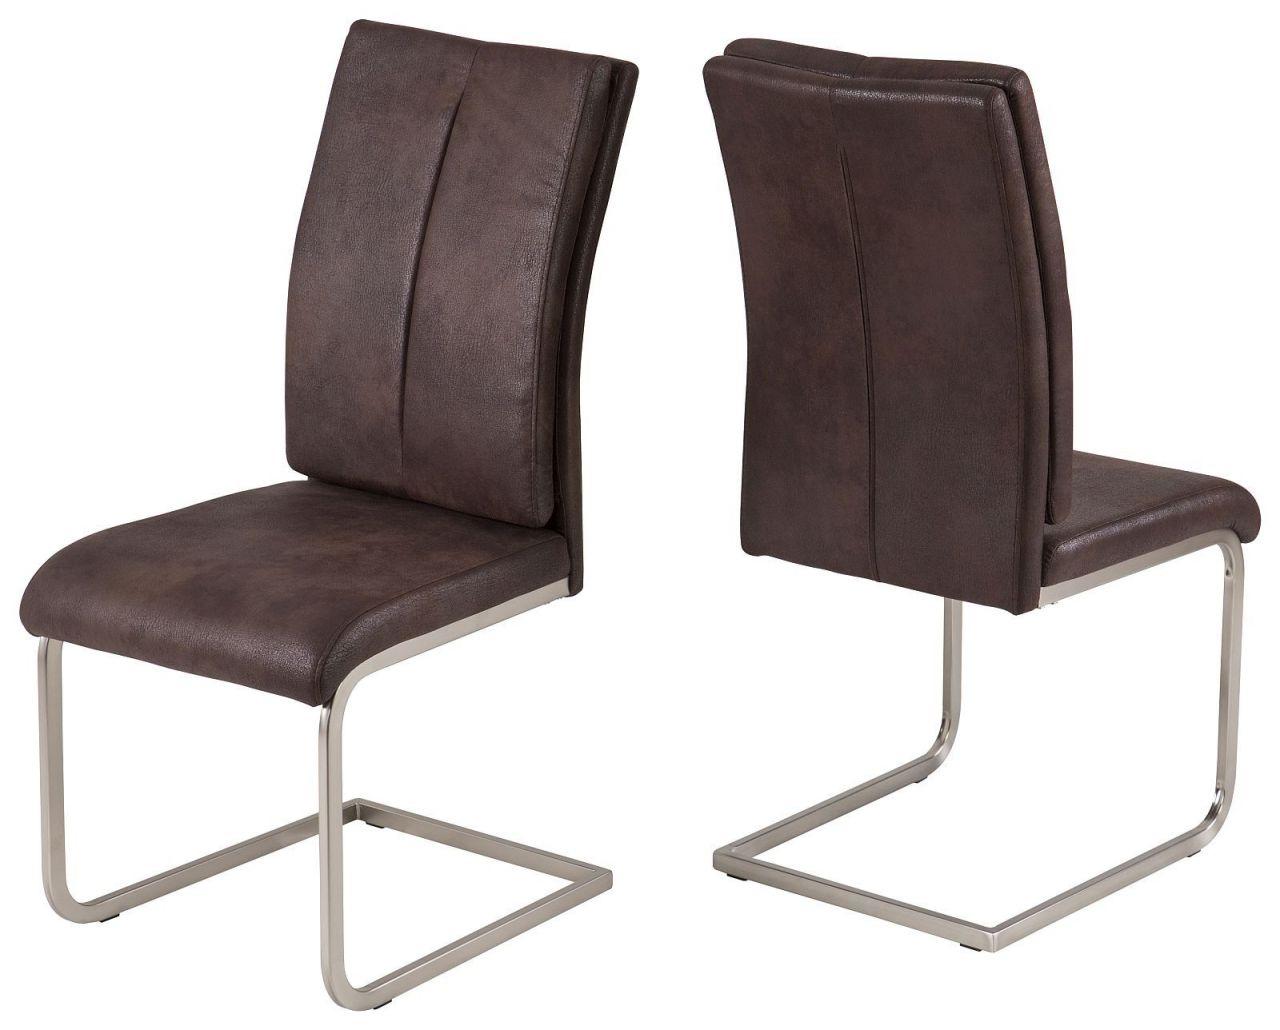 Stuhle 2er Set Stuhl Wellenunterfederung Vintage Beige Braun Freischwinger R Karo